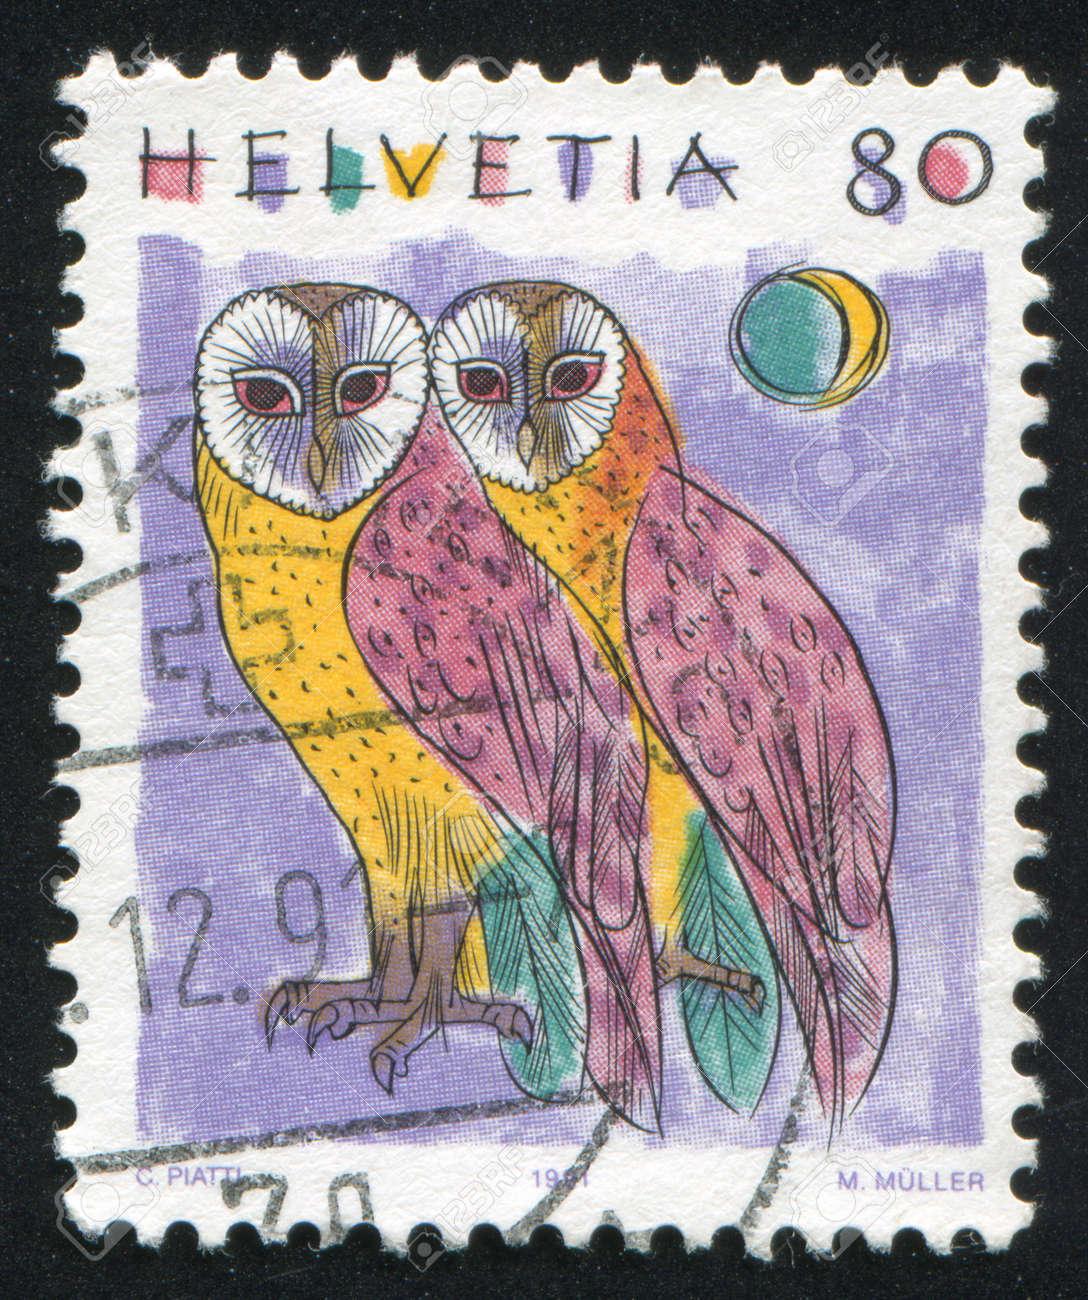 SWITZERLAND - CIRCA 1991: stamp printed by Switzerland, shows Barn owls, Animals, circa 1991 Stock Photo - 17464489